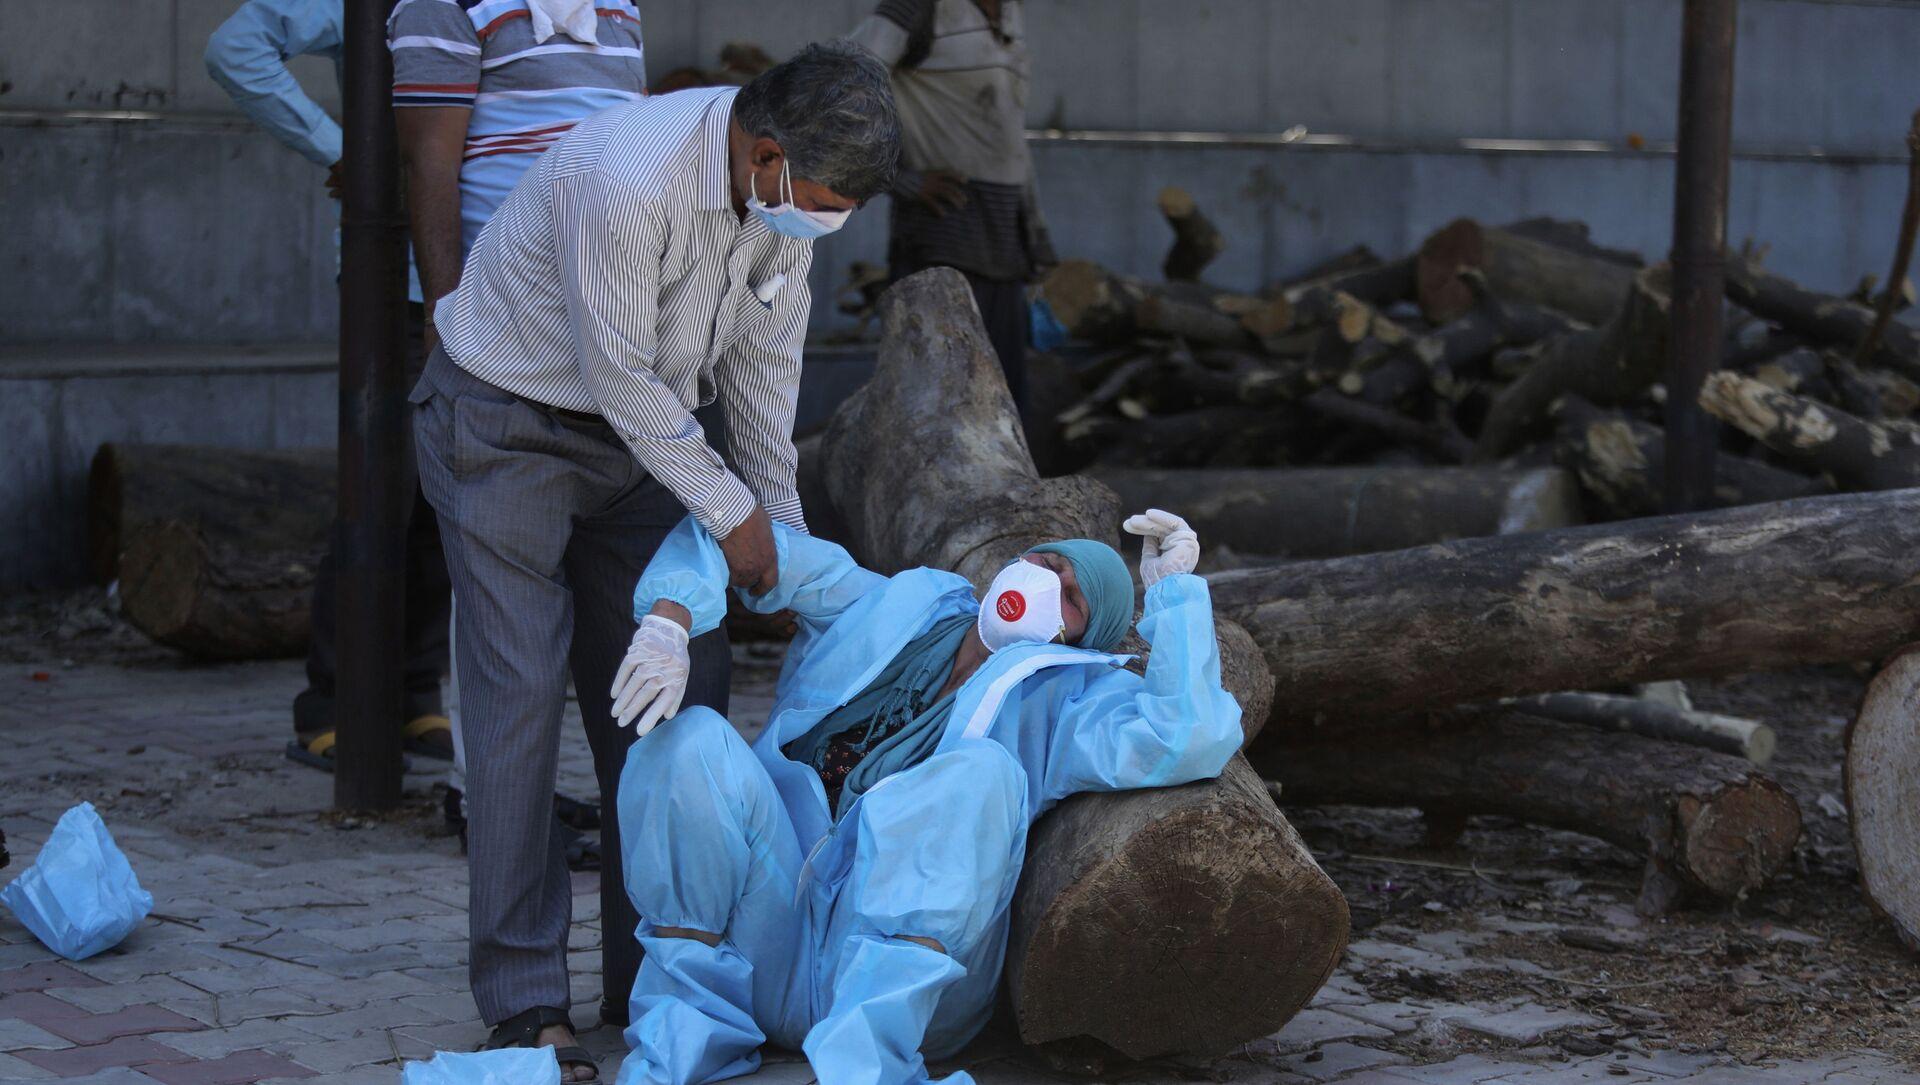 Parente di un uomo morto di COVID-19 collassa durante la cremazione a Jammu, in India - Sputnik Italia, 1920, 03.05.2021